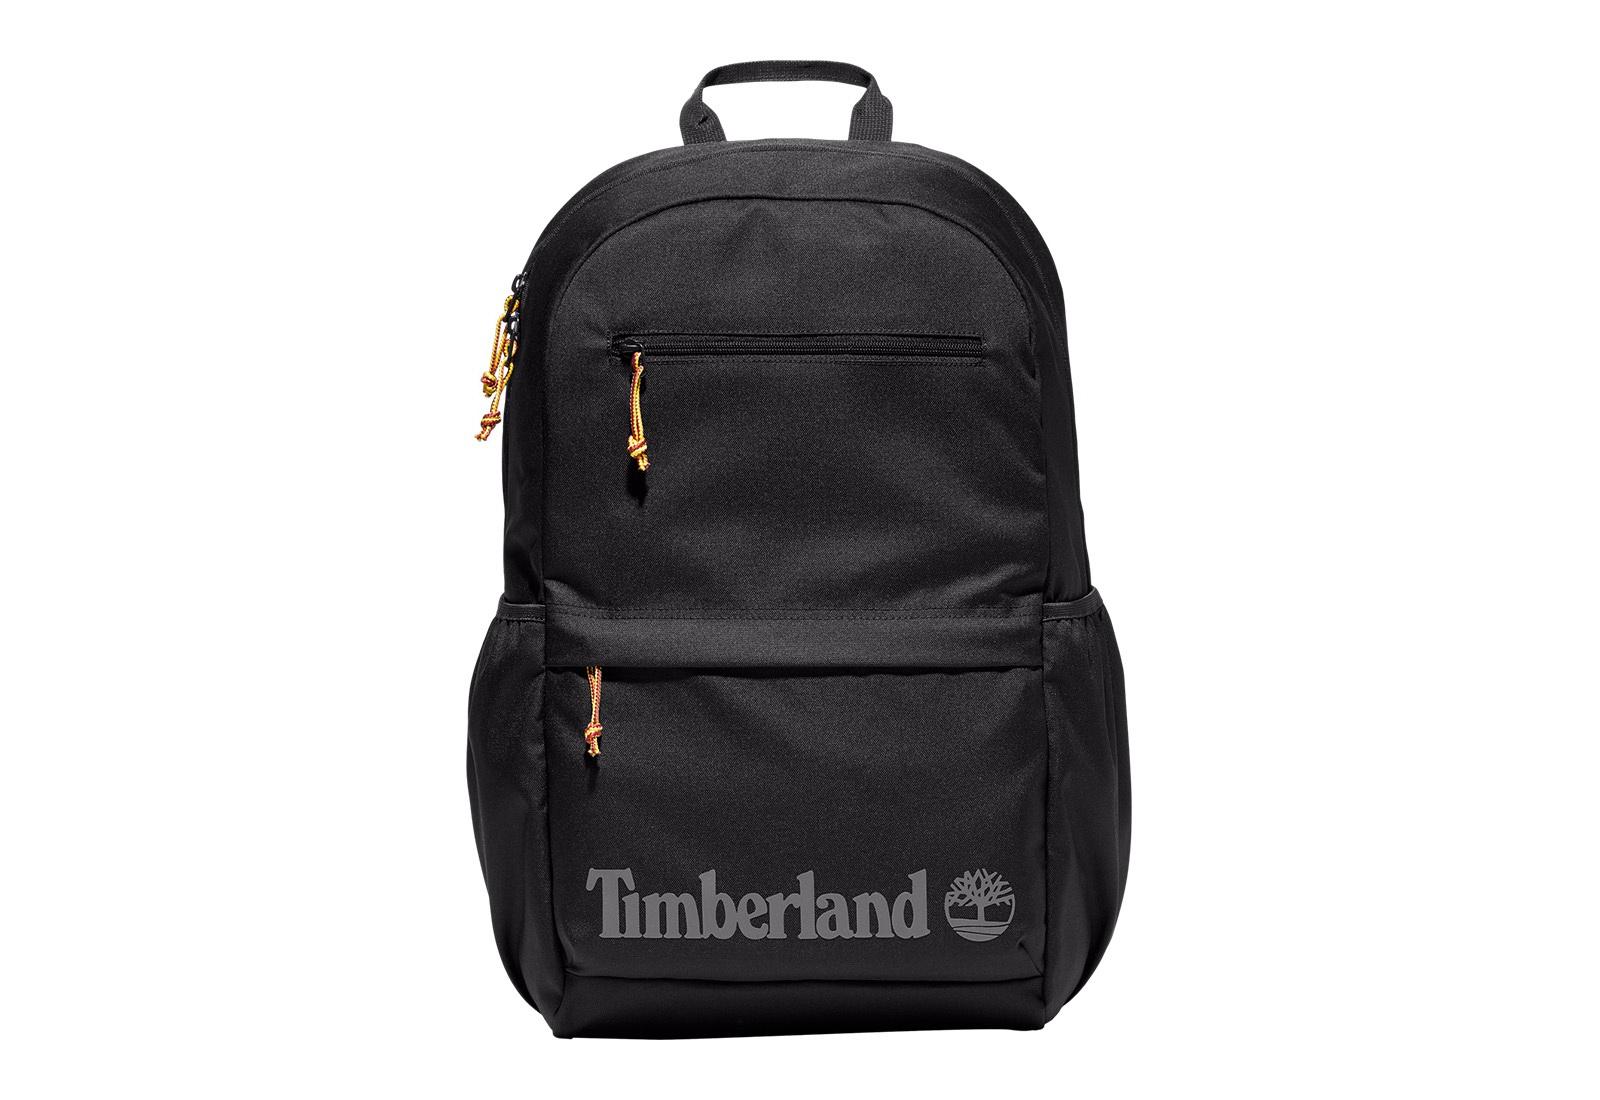 Timberland Táskák és hátizsákok Zip Top Backpack